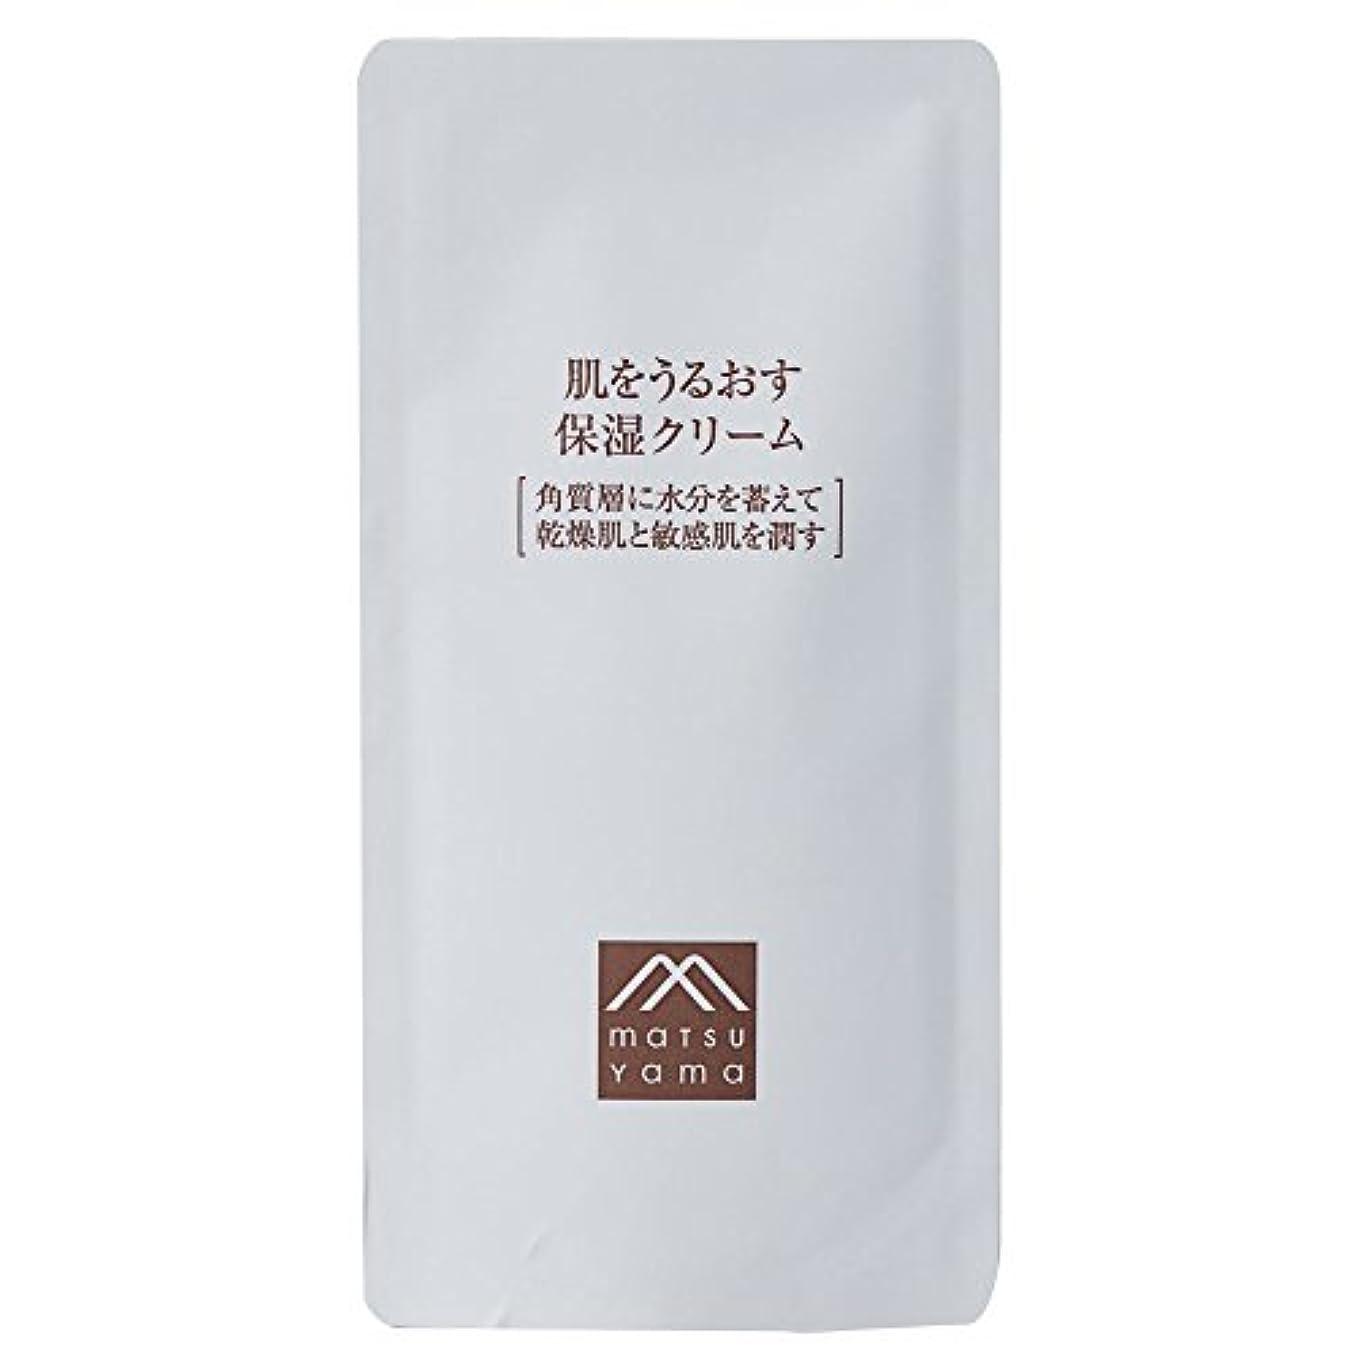 平等伝えるモーター肌をうるおす保湿クリーム 詰替用(クリーム) 濃厚クリーム [乾燥肌 敏感肌]